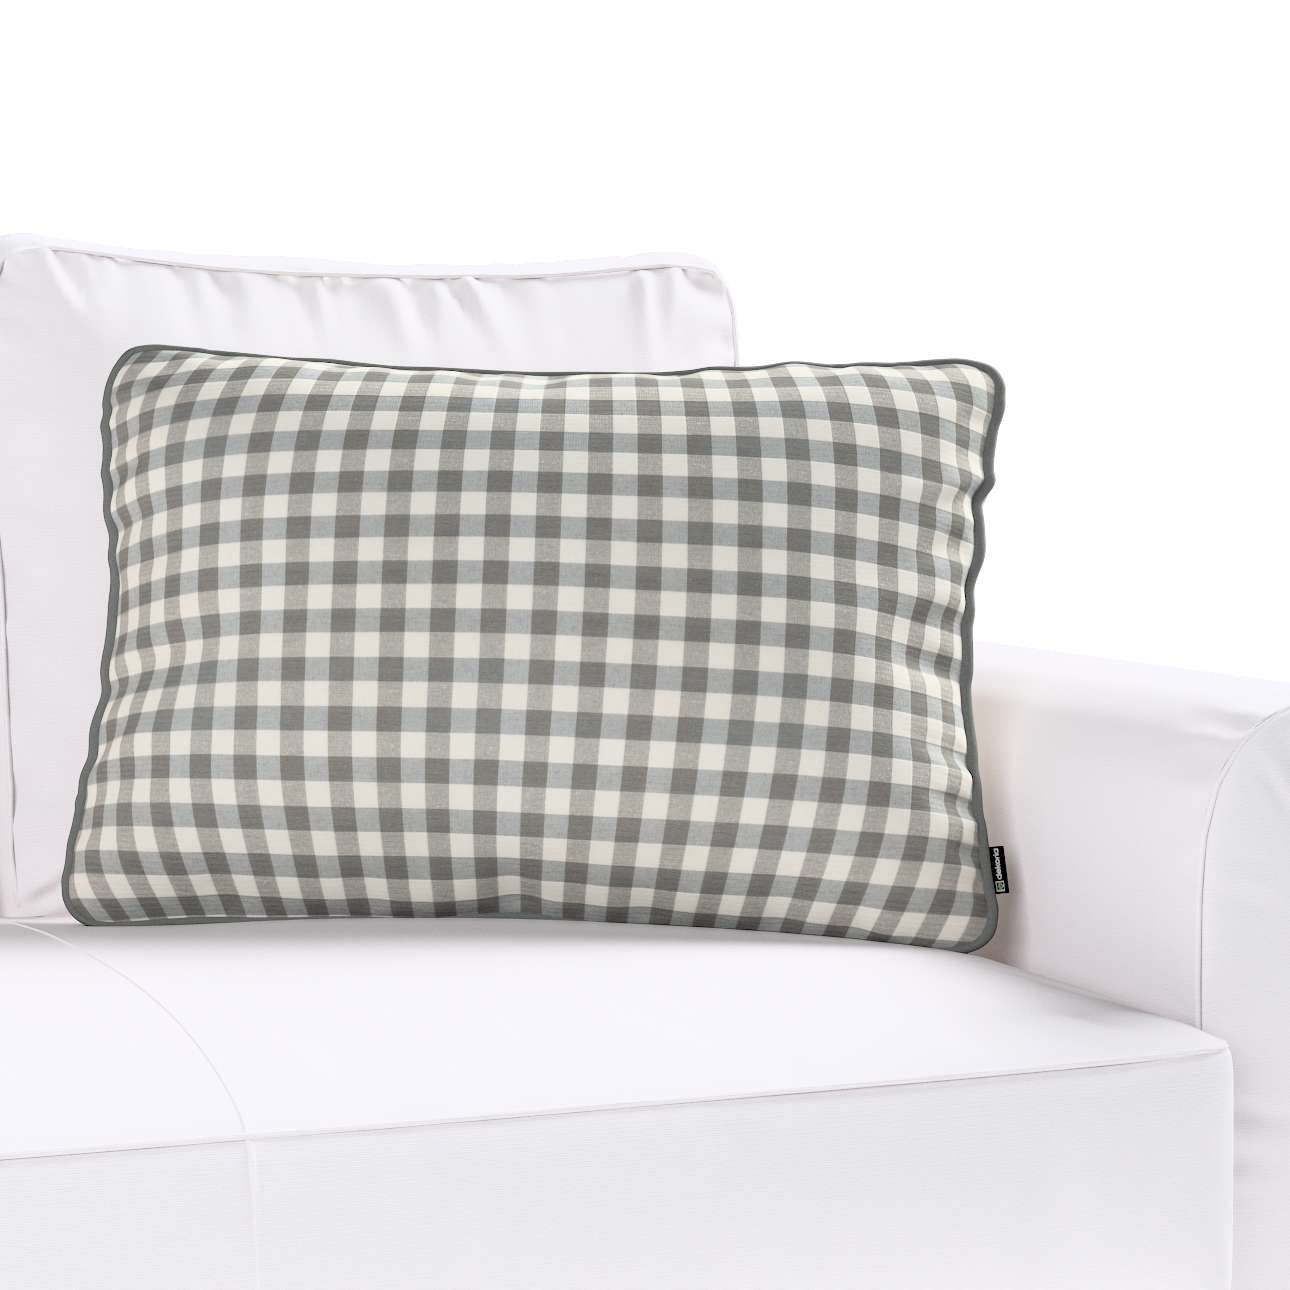 Poszewka Gabi na poduszkę prostokątna w kolekcji Quadro, tkanina: 136-11